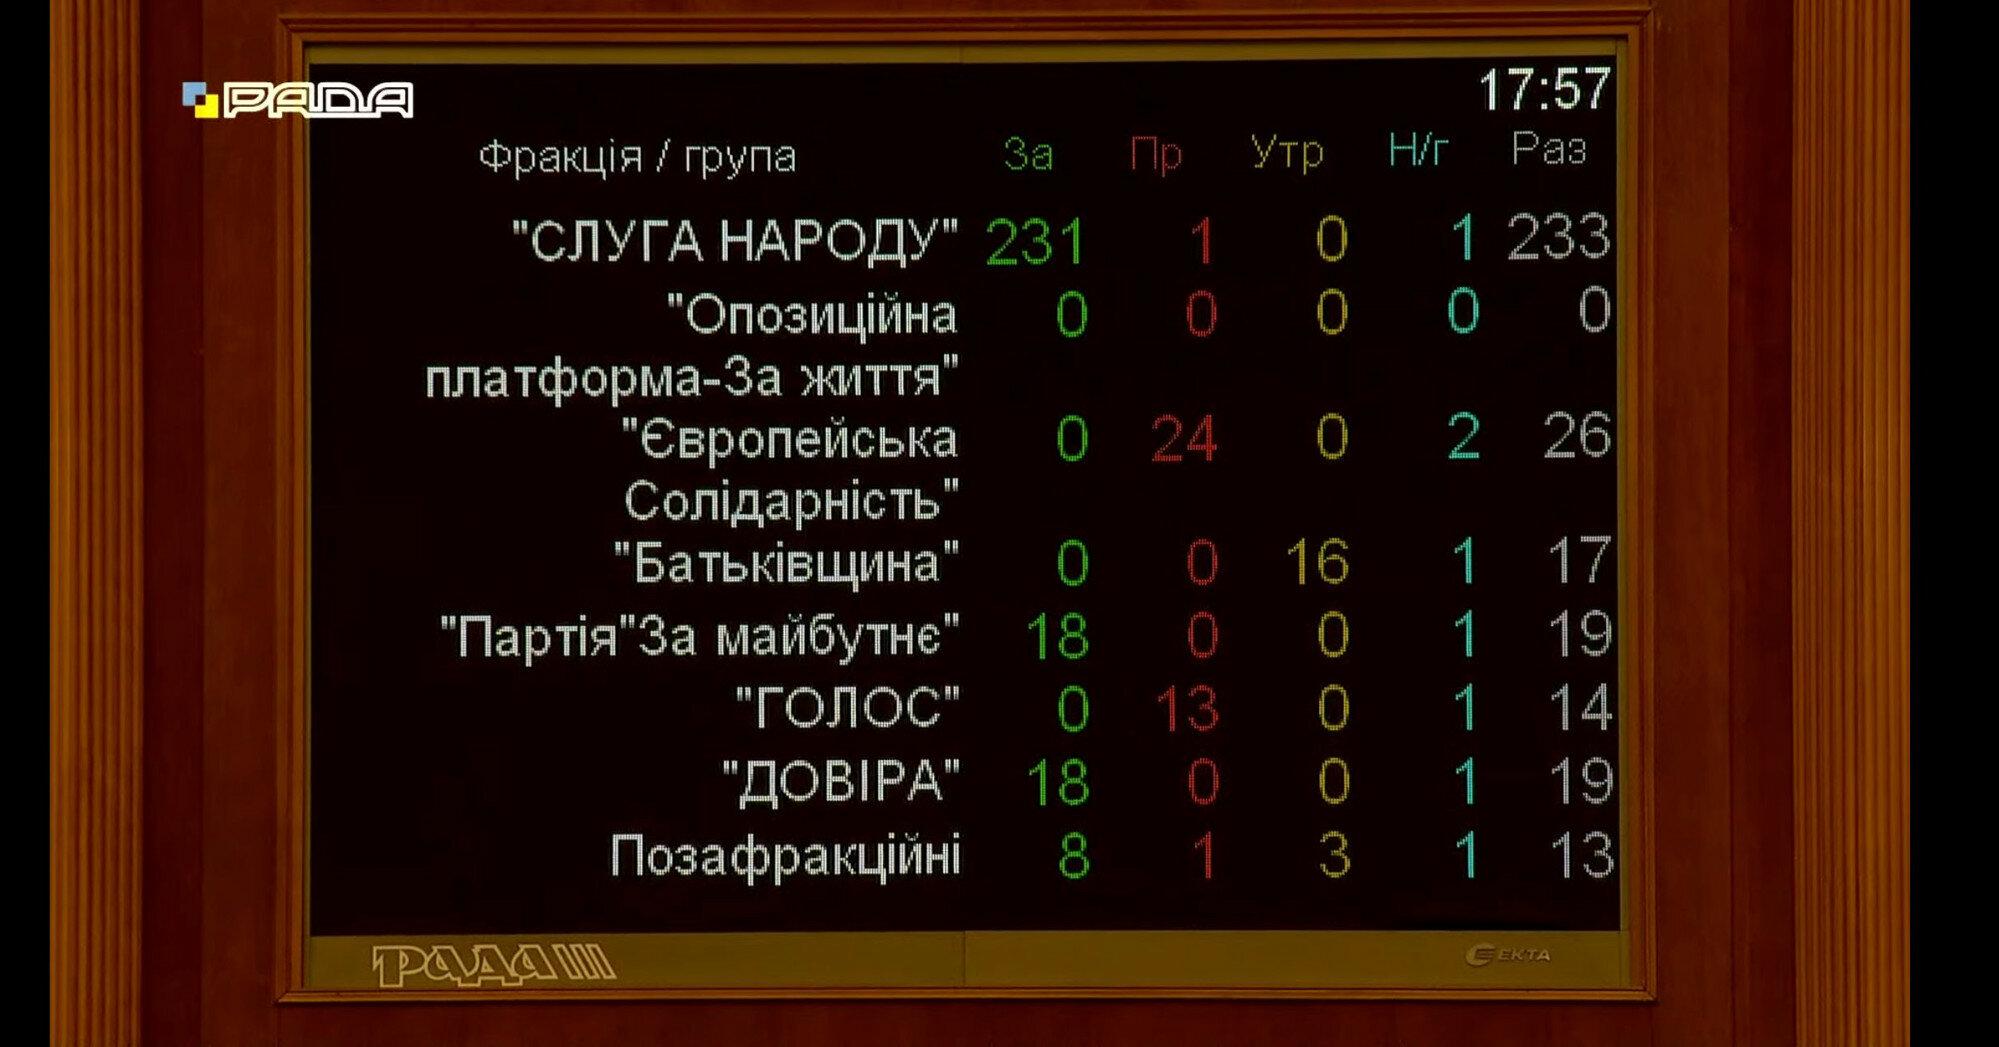 Рада приняла в первом чтении законопроект о деолигархизации